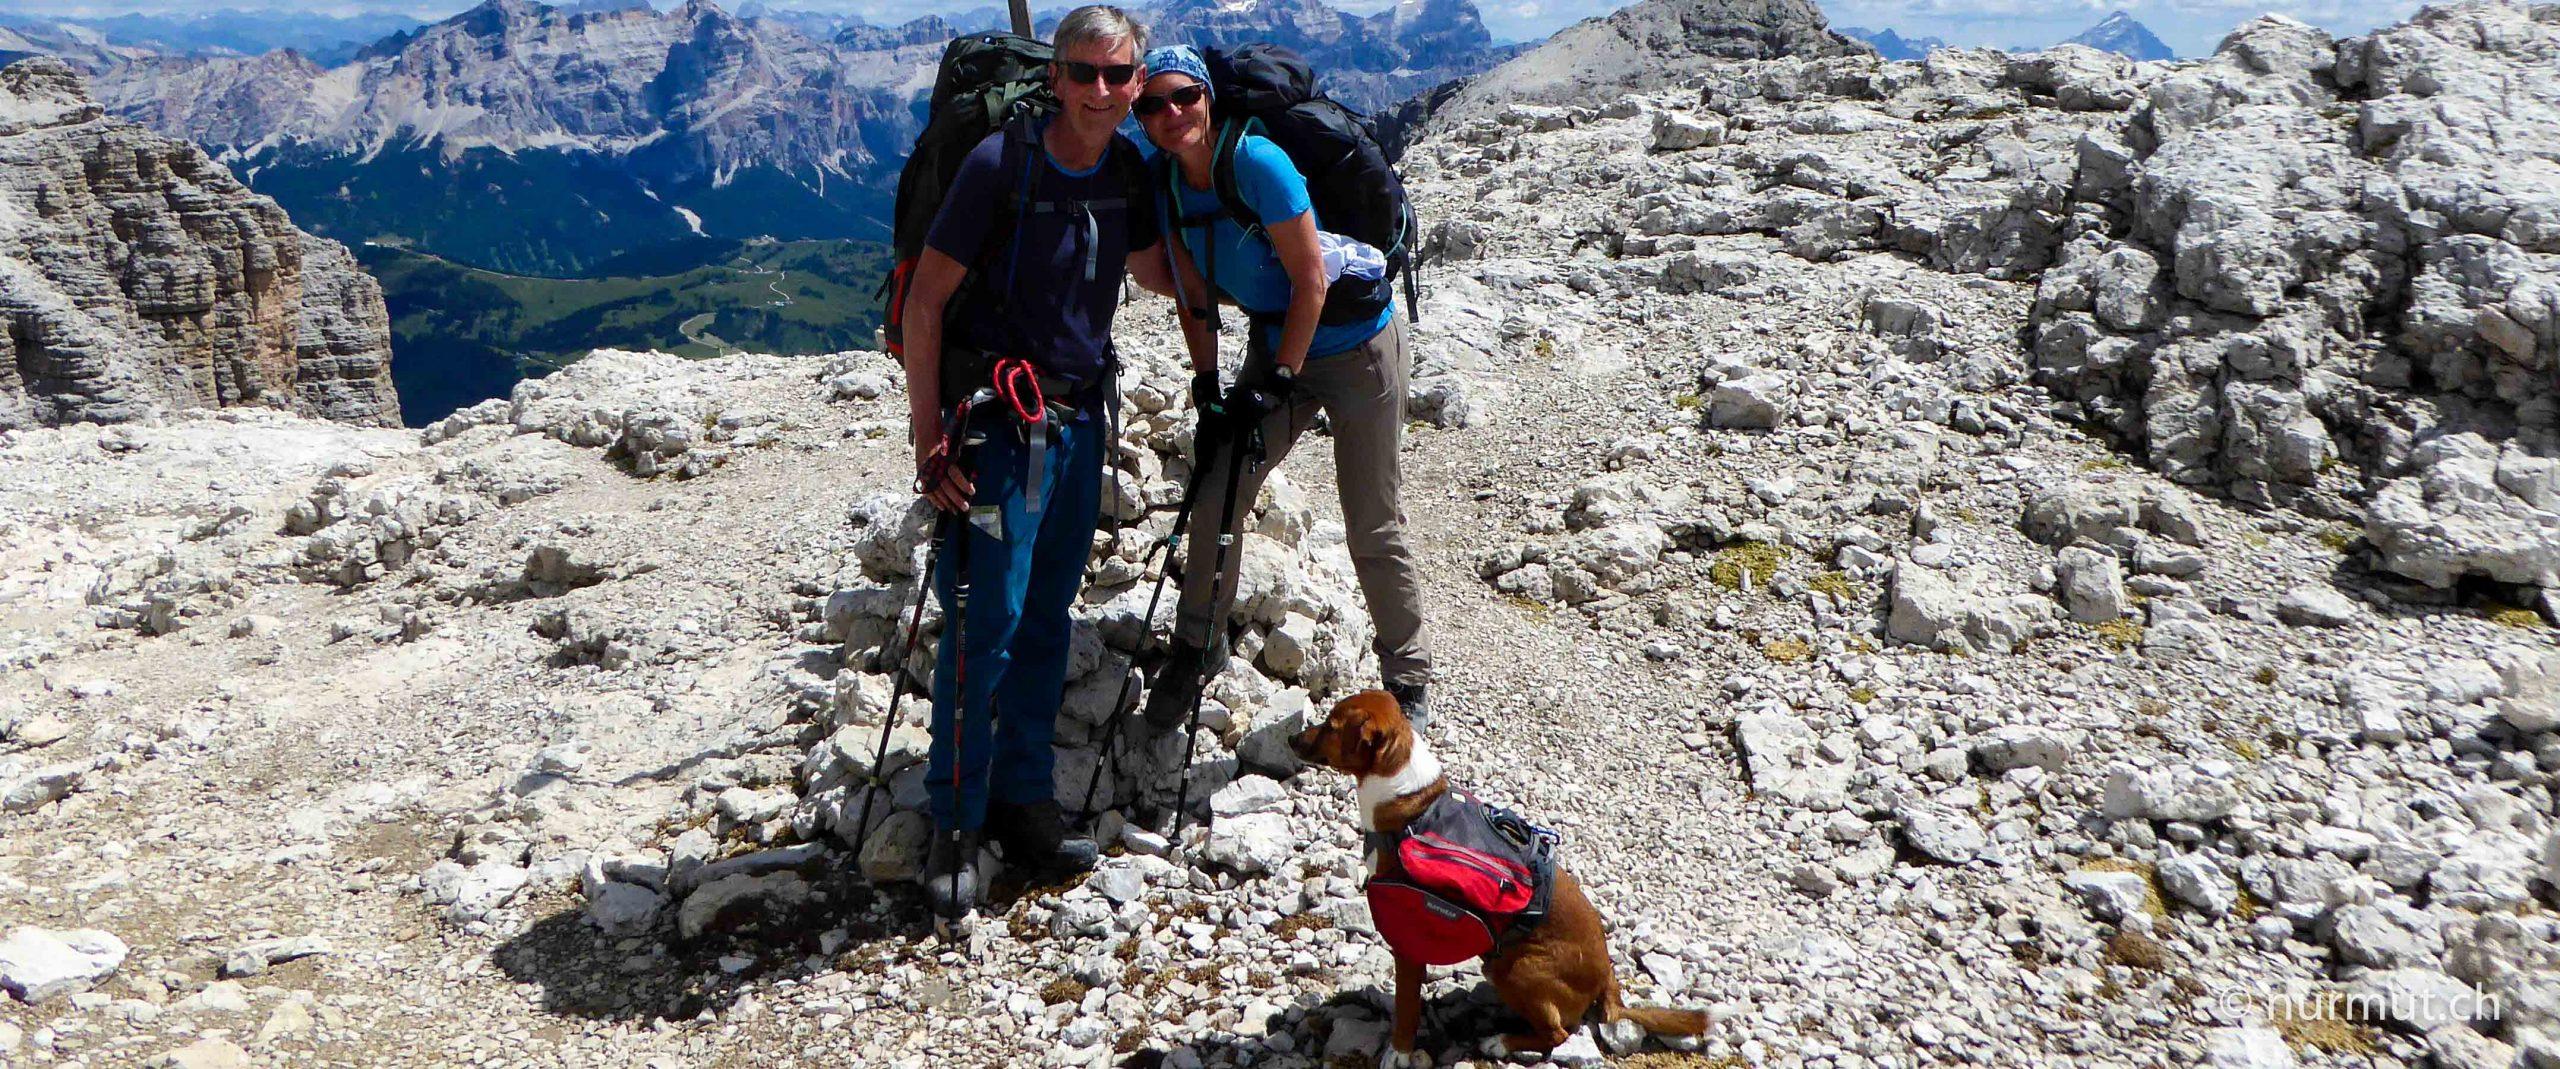 munechen-venedig-mit-hund-dolomiten-fernwanderung-mit-hund